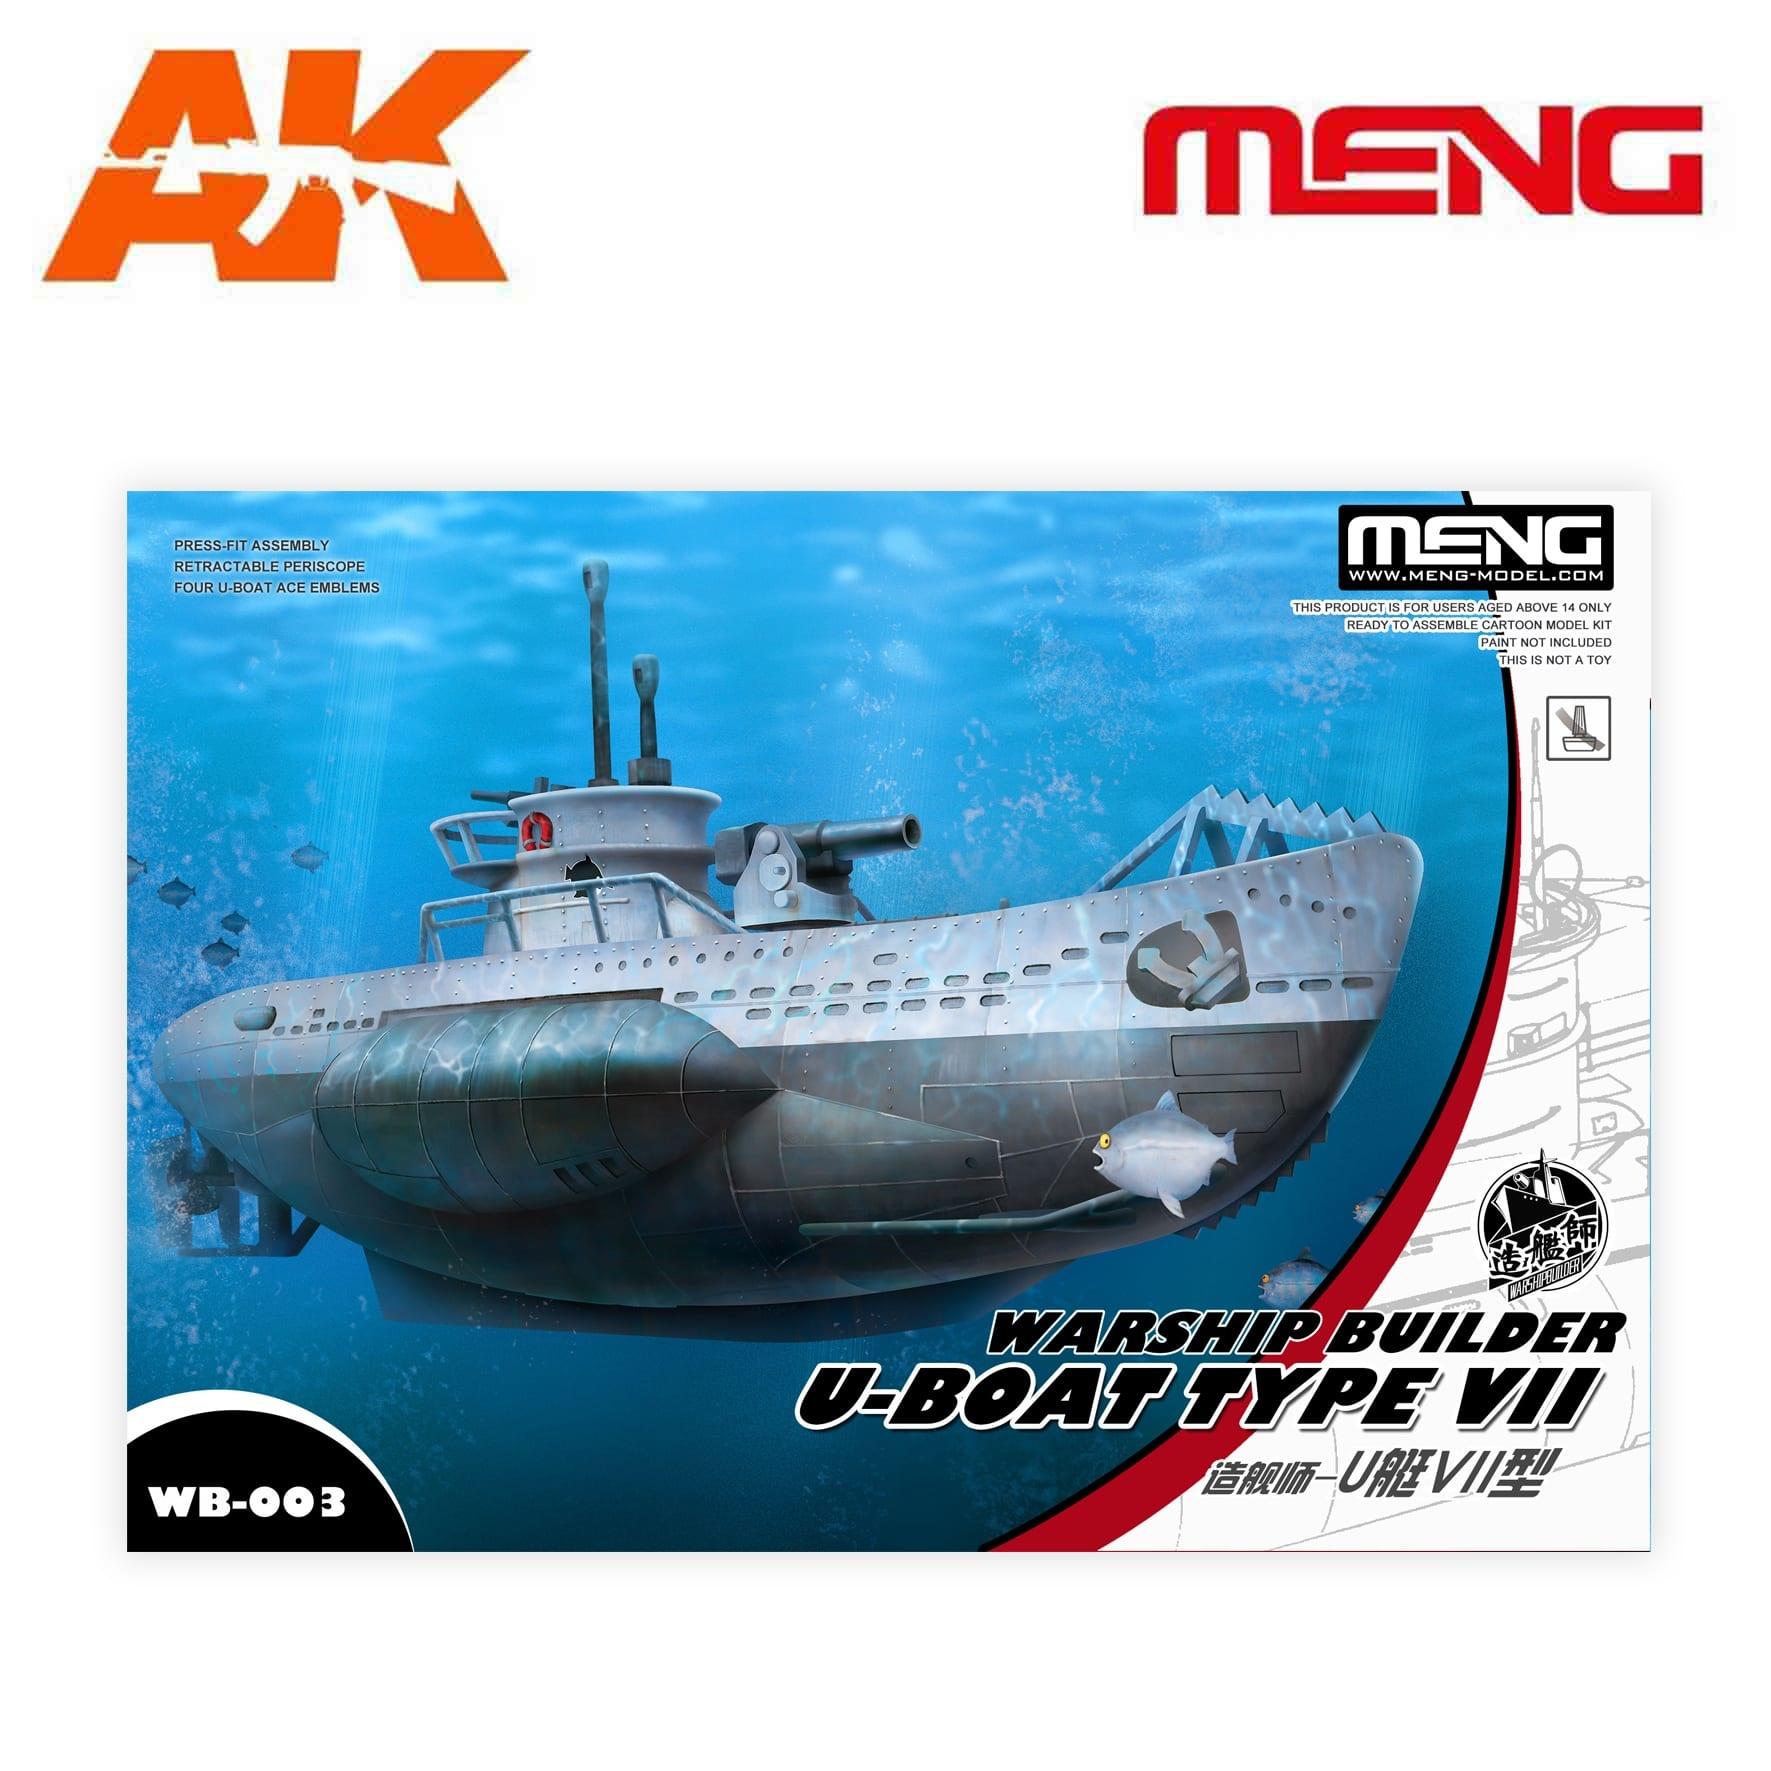 Meng Models Warship Builder – U-Boat Type VII - Cartoon Model - Meng Models - Mm Wb-003